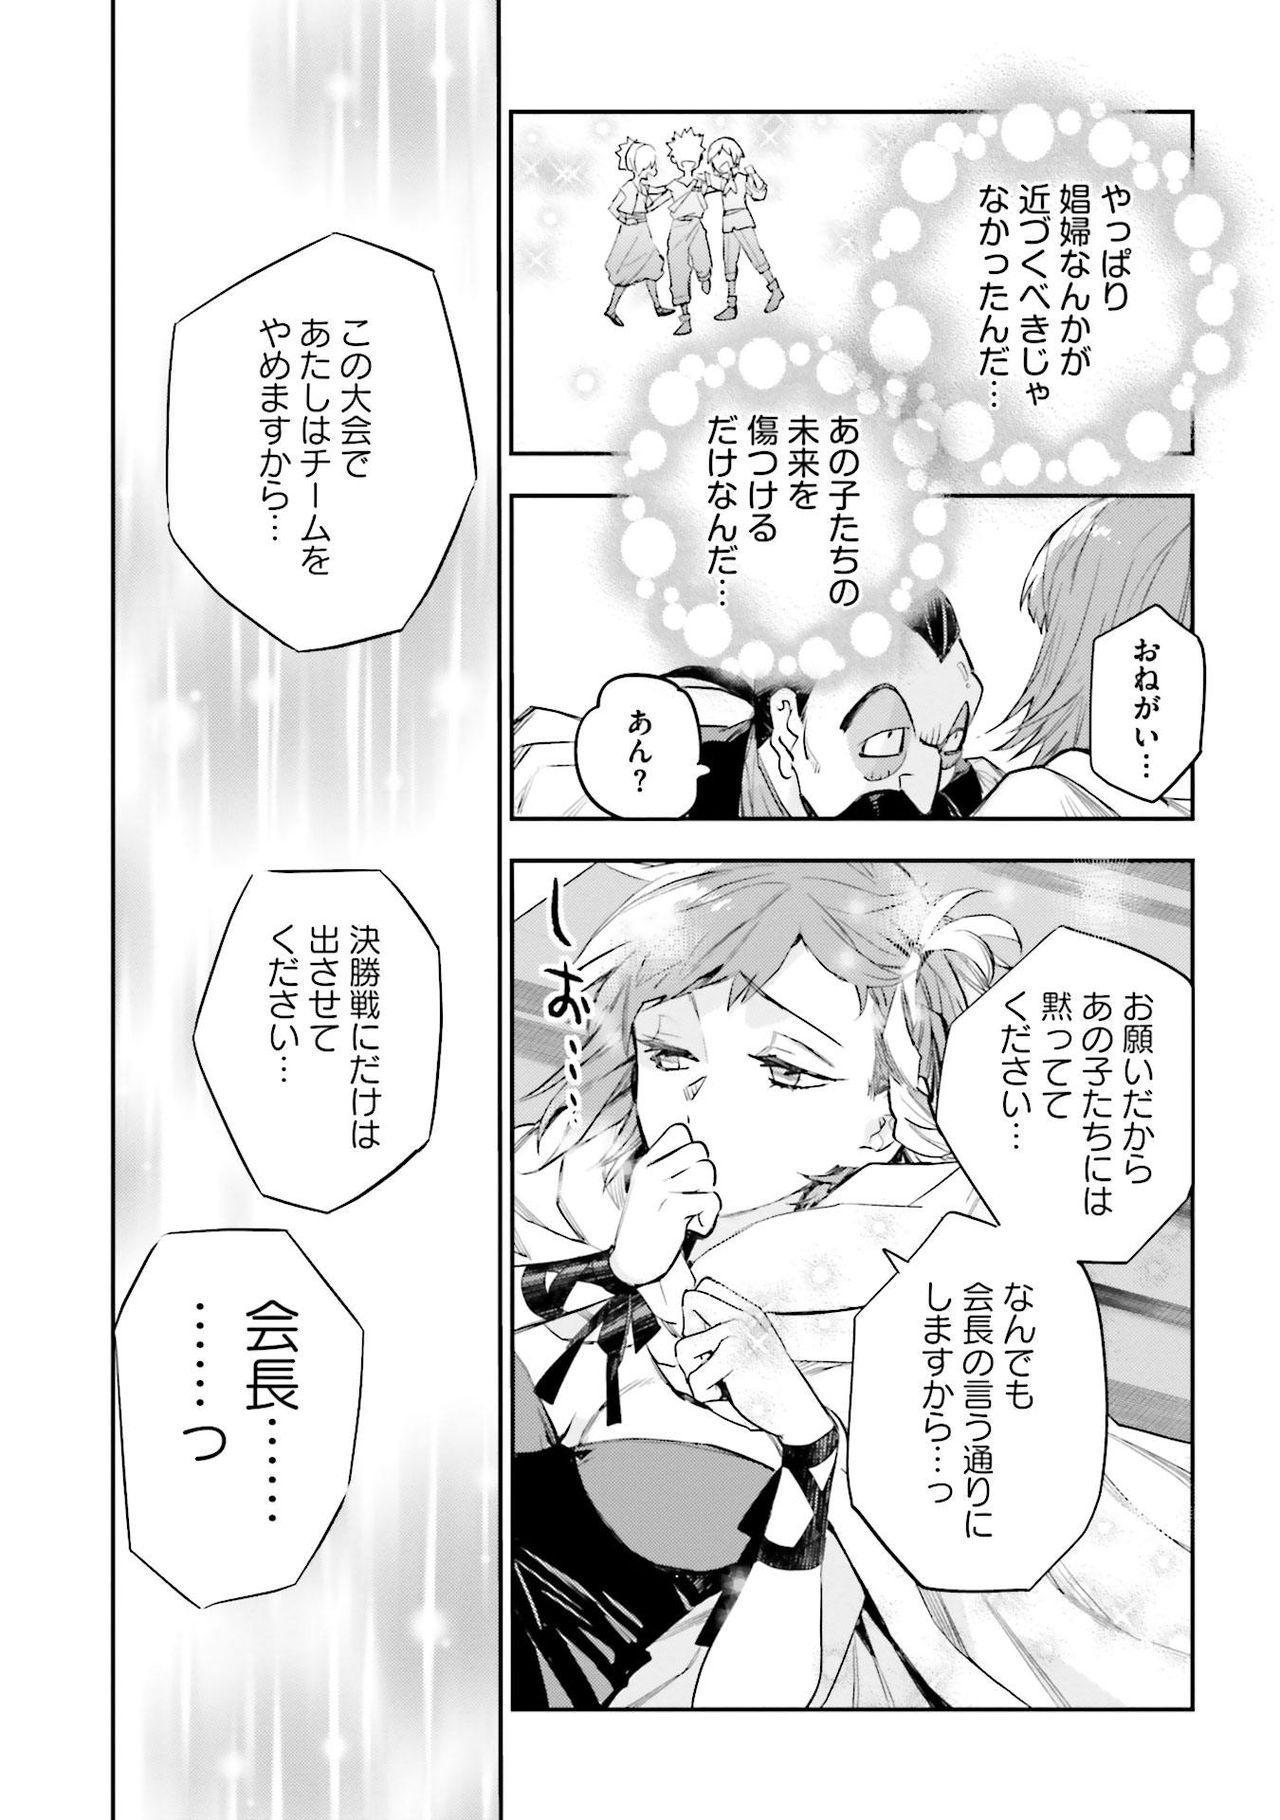 JK Haru wa Isekai de Shoufu ni Natta 1-14 410